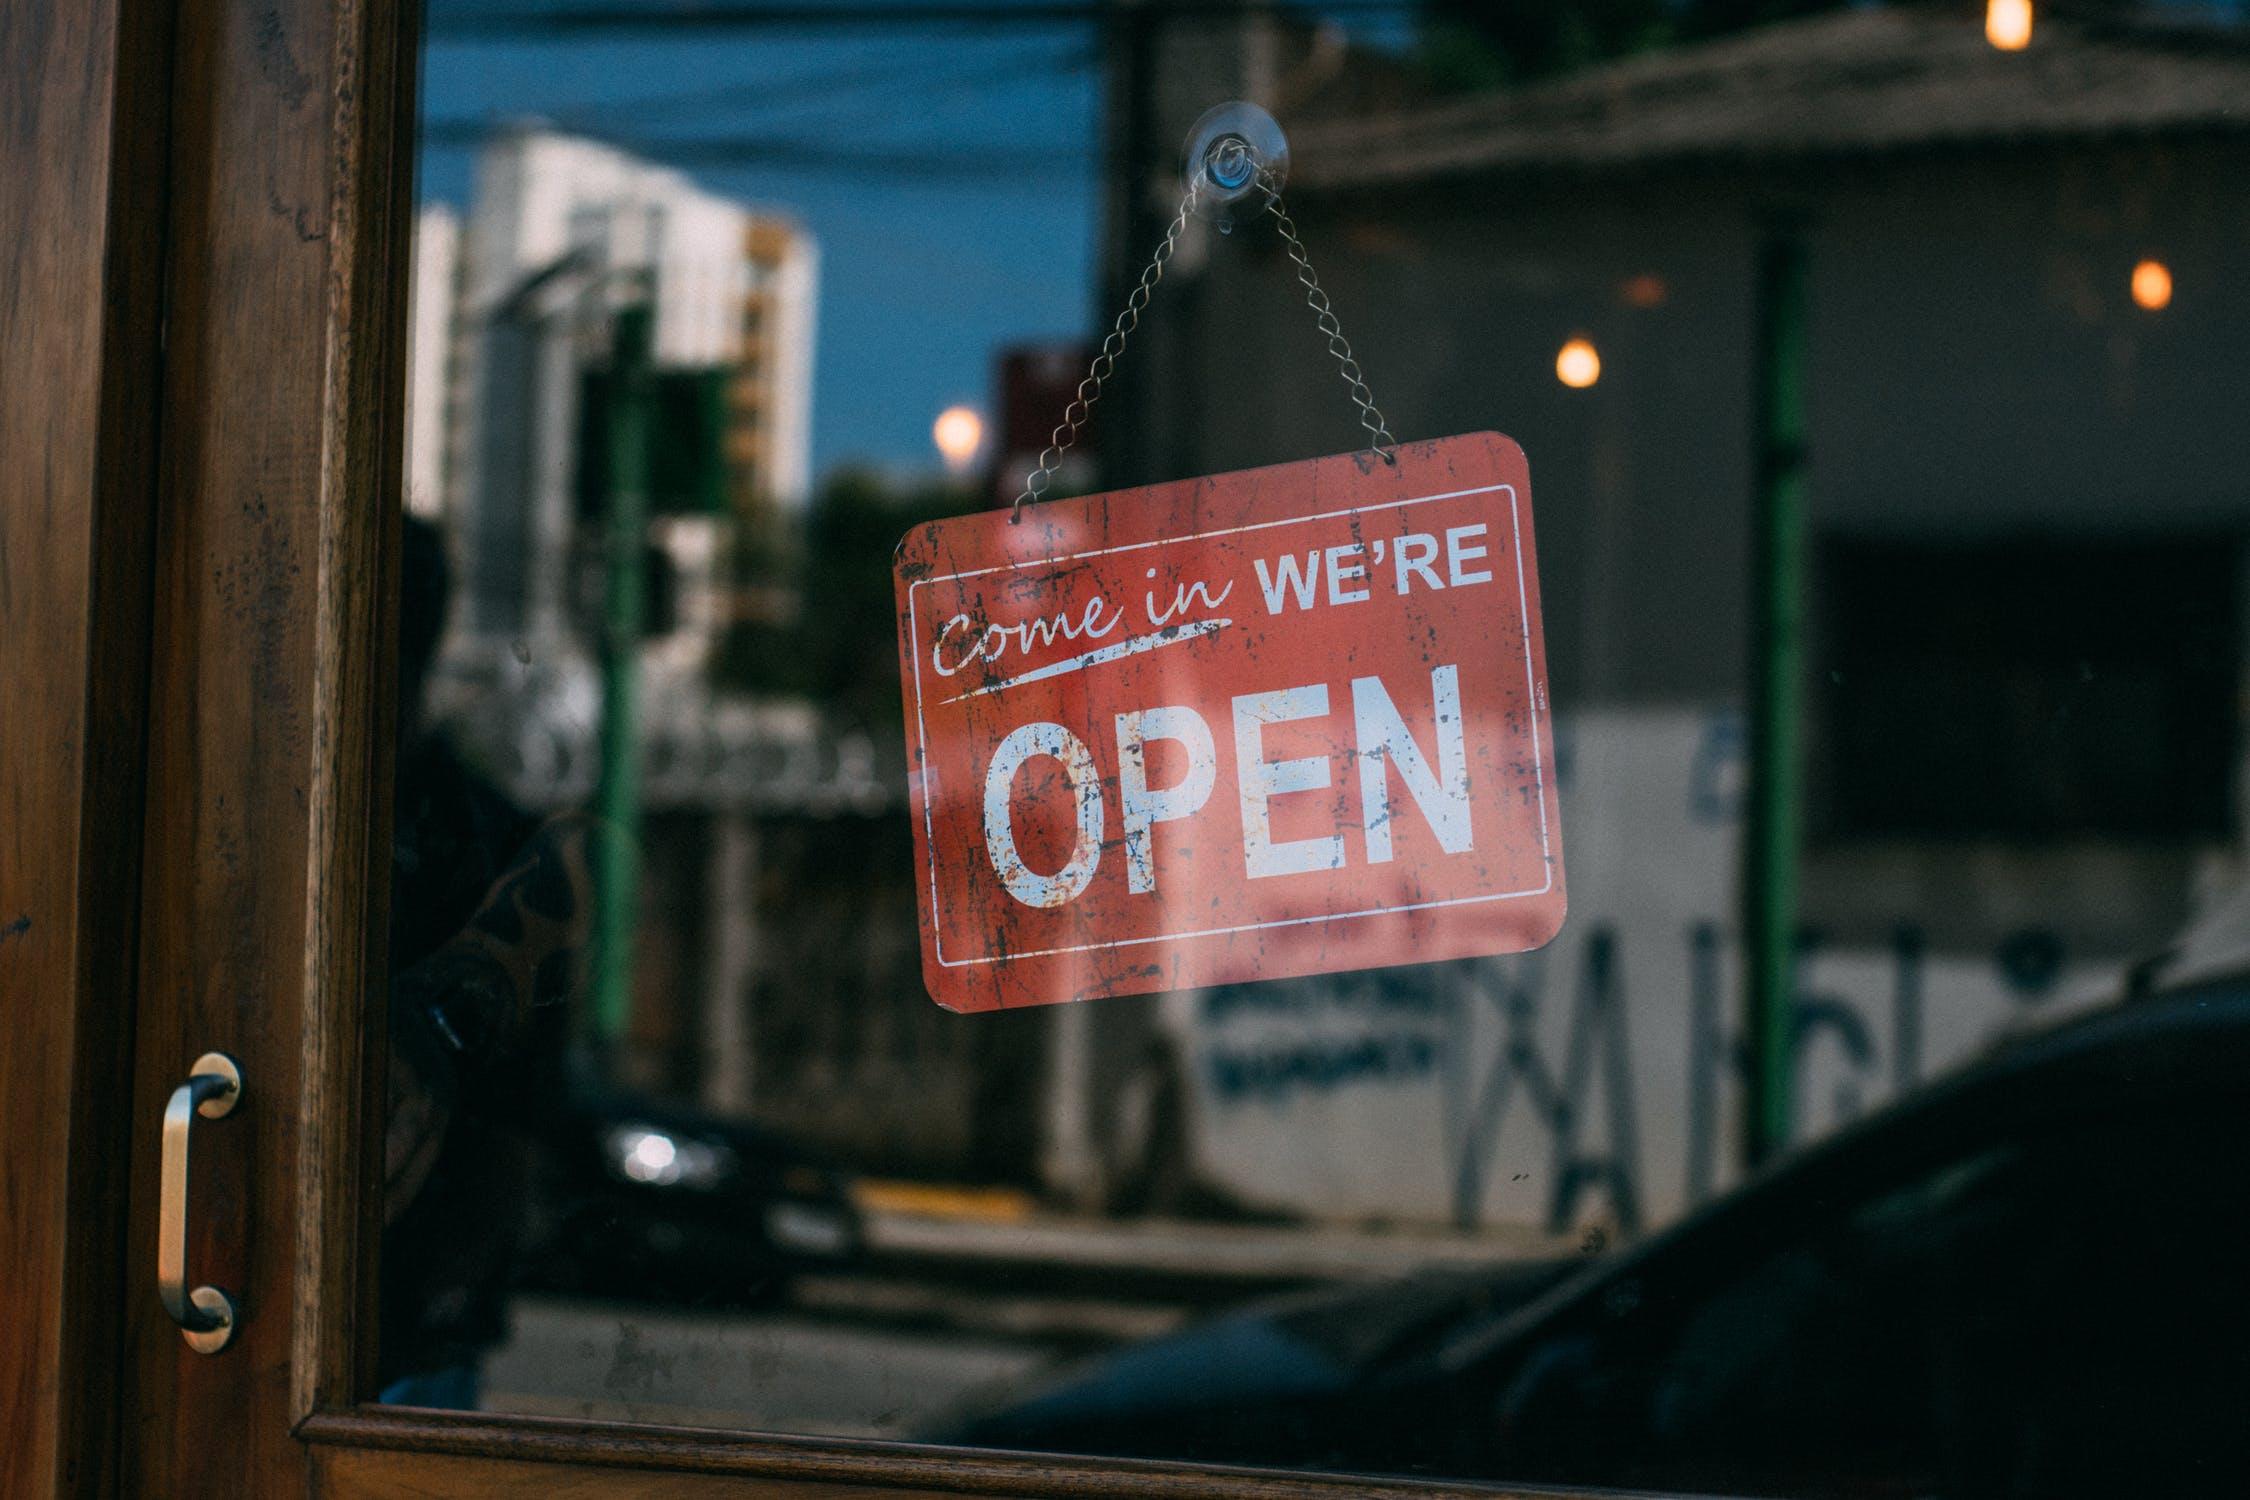 store-front-door-sign-come-in-were-open